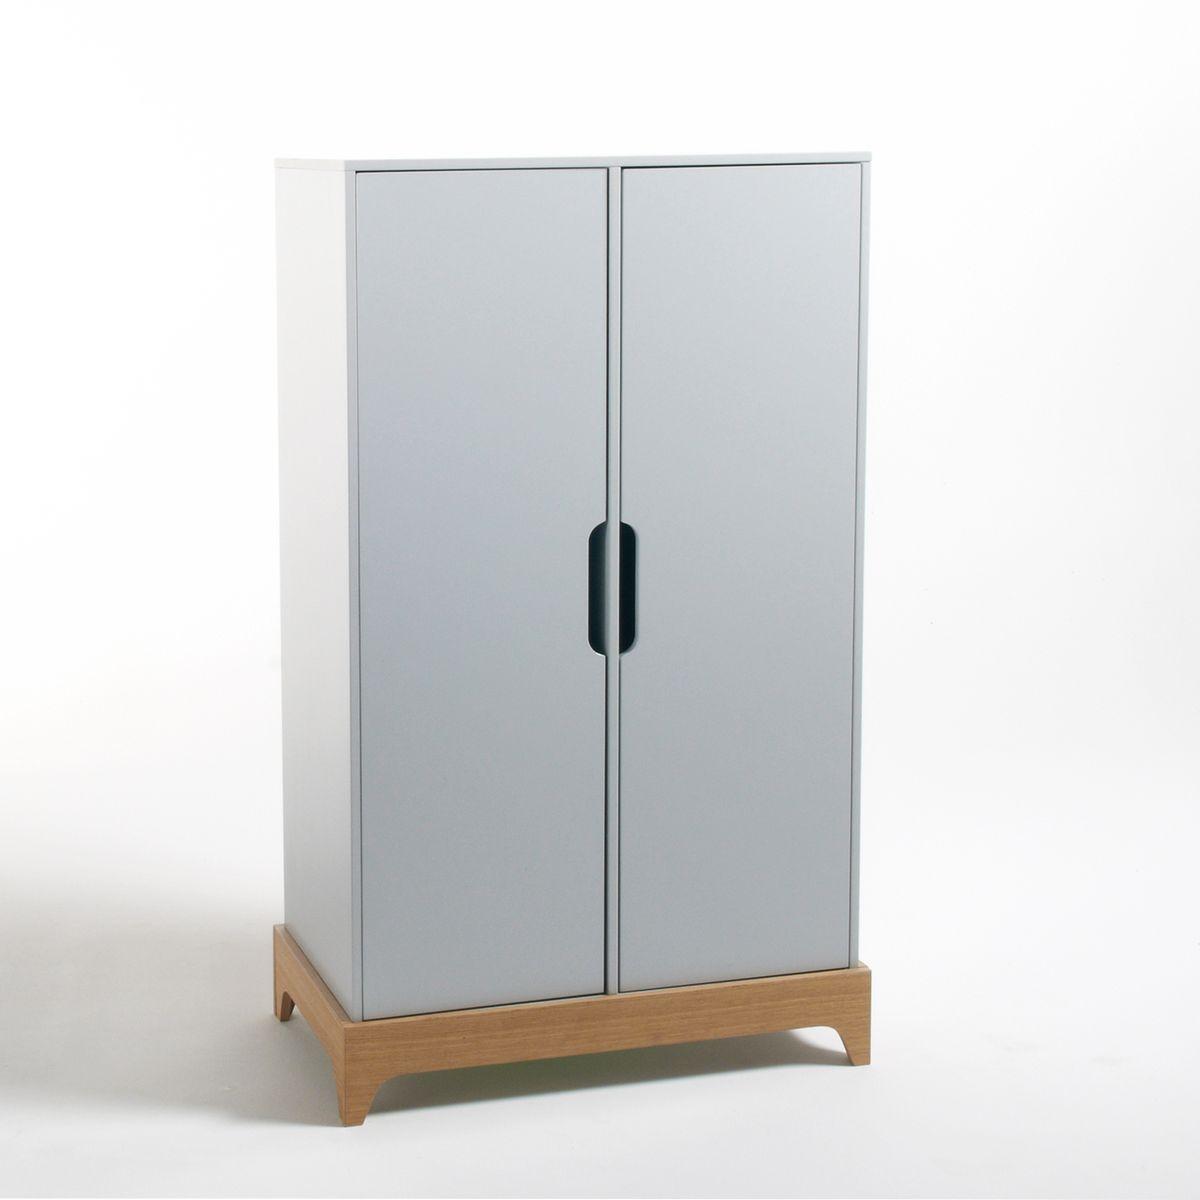 rangement chambre enfant pas cher achat vente meubles discount page 3. Black Bedroom Furniture Sets. Home Design Ideas